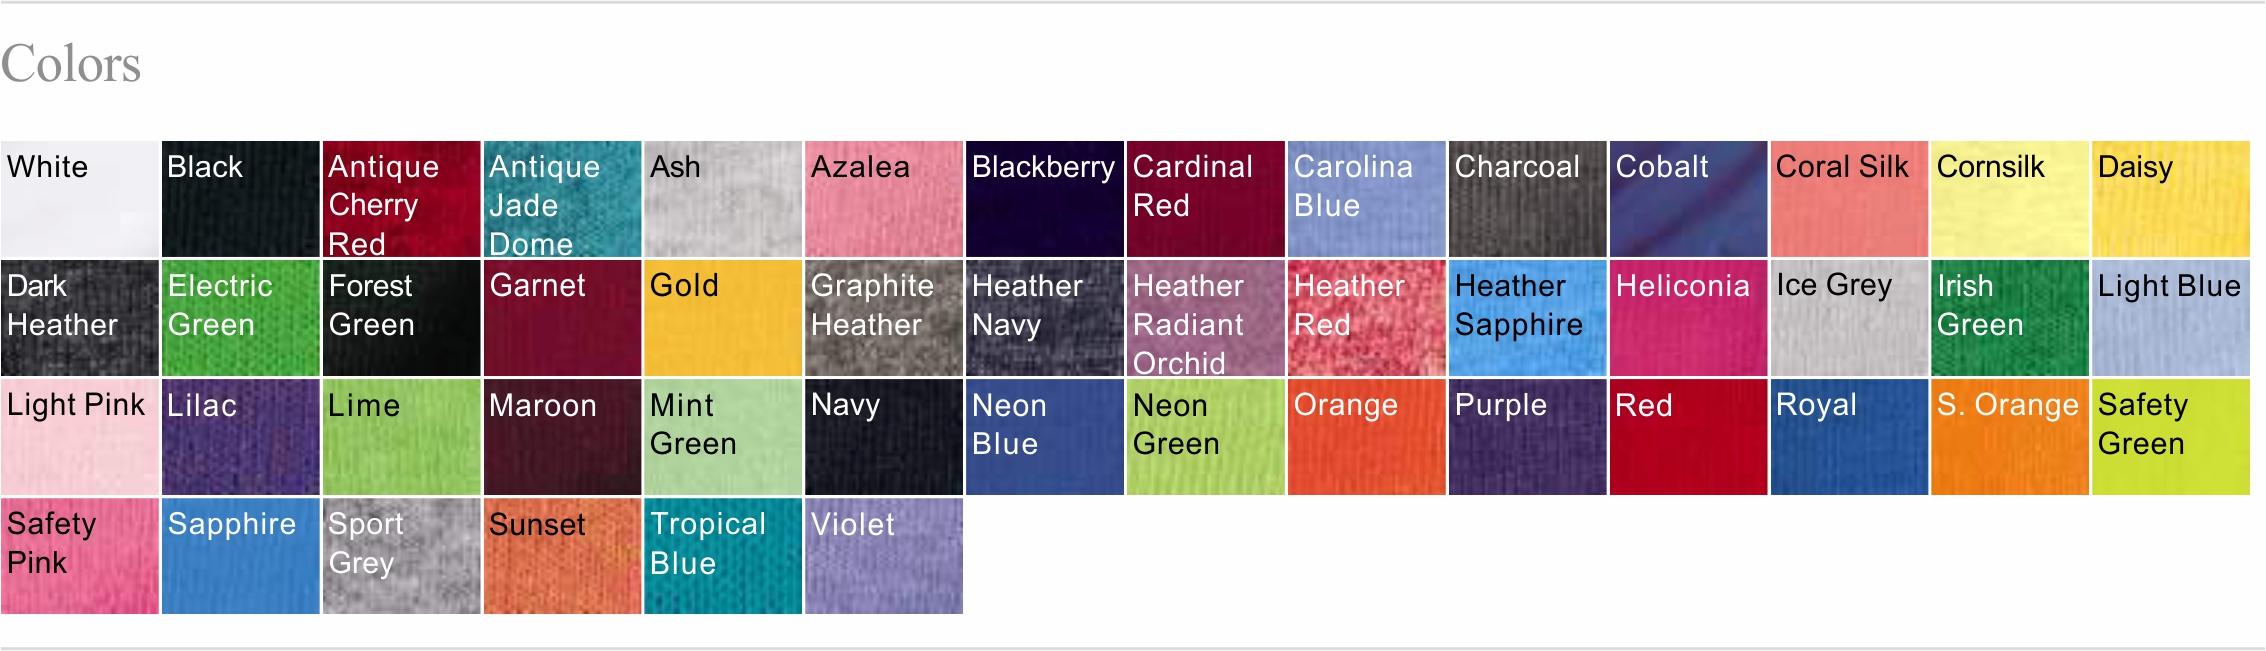 5000L Color Chart